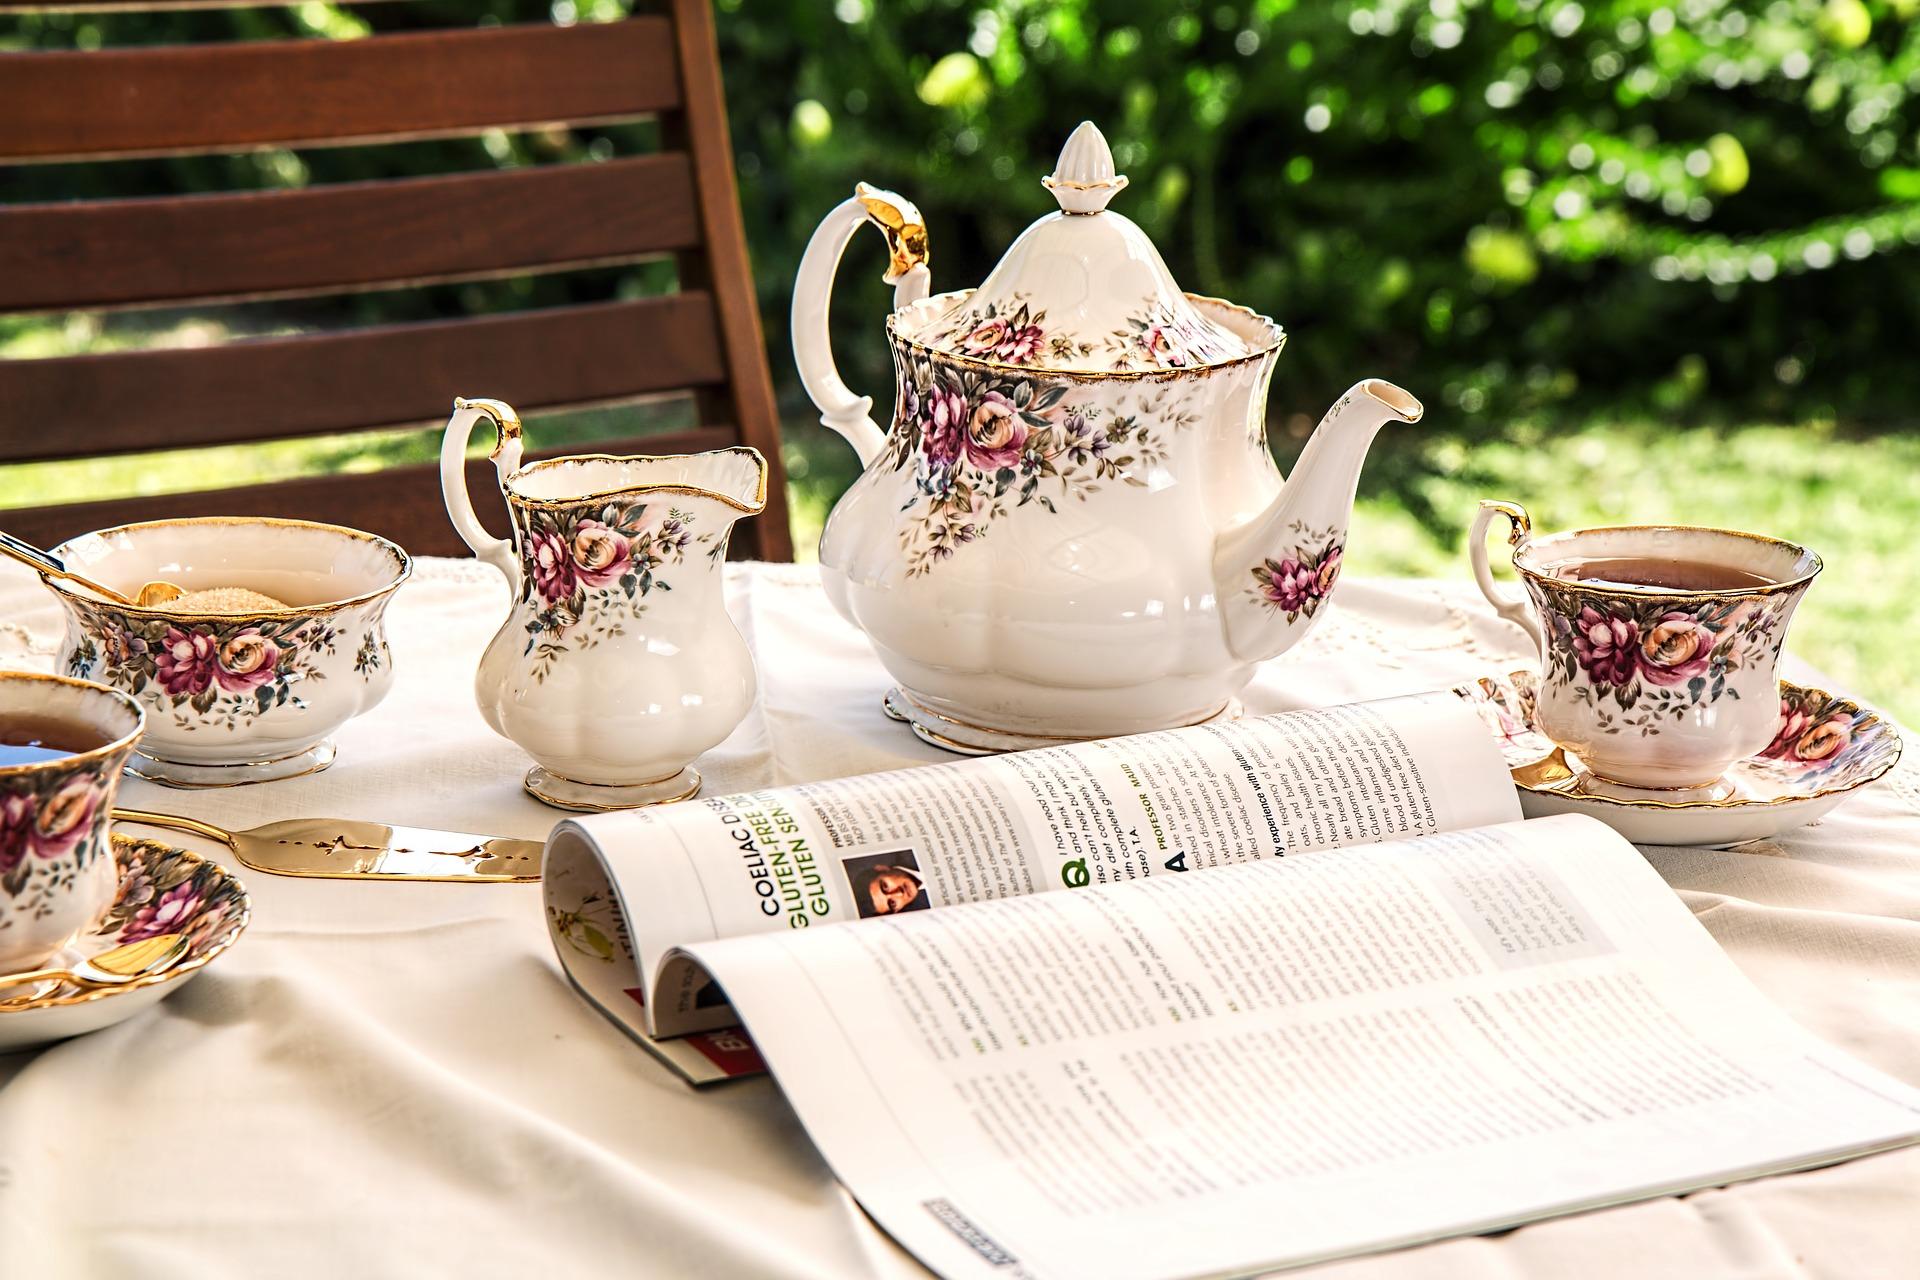 Bild mit Teekanne, Teetasse und Milchkännchen und Zuckerdose auf Gartentisch